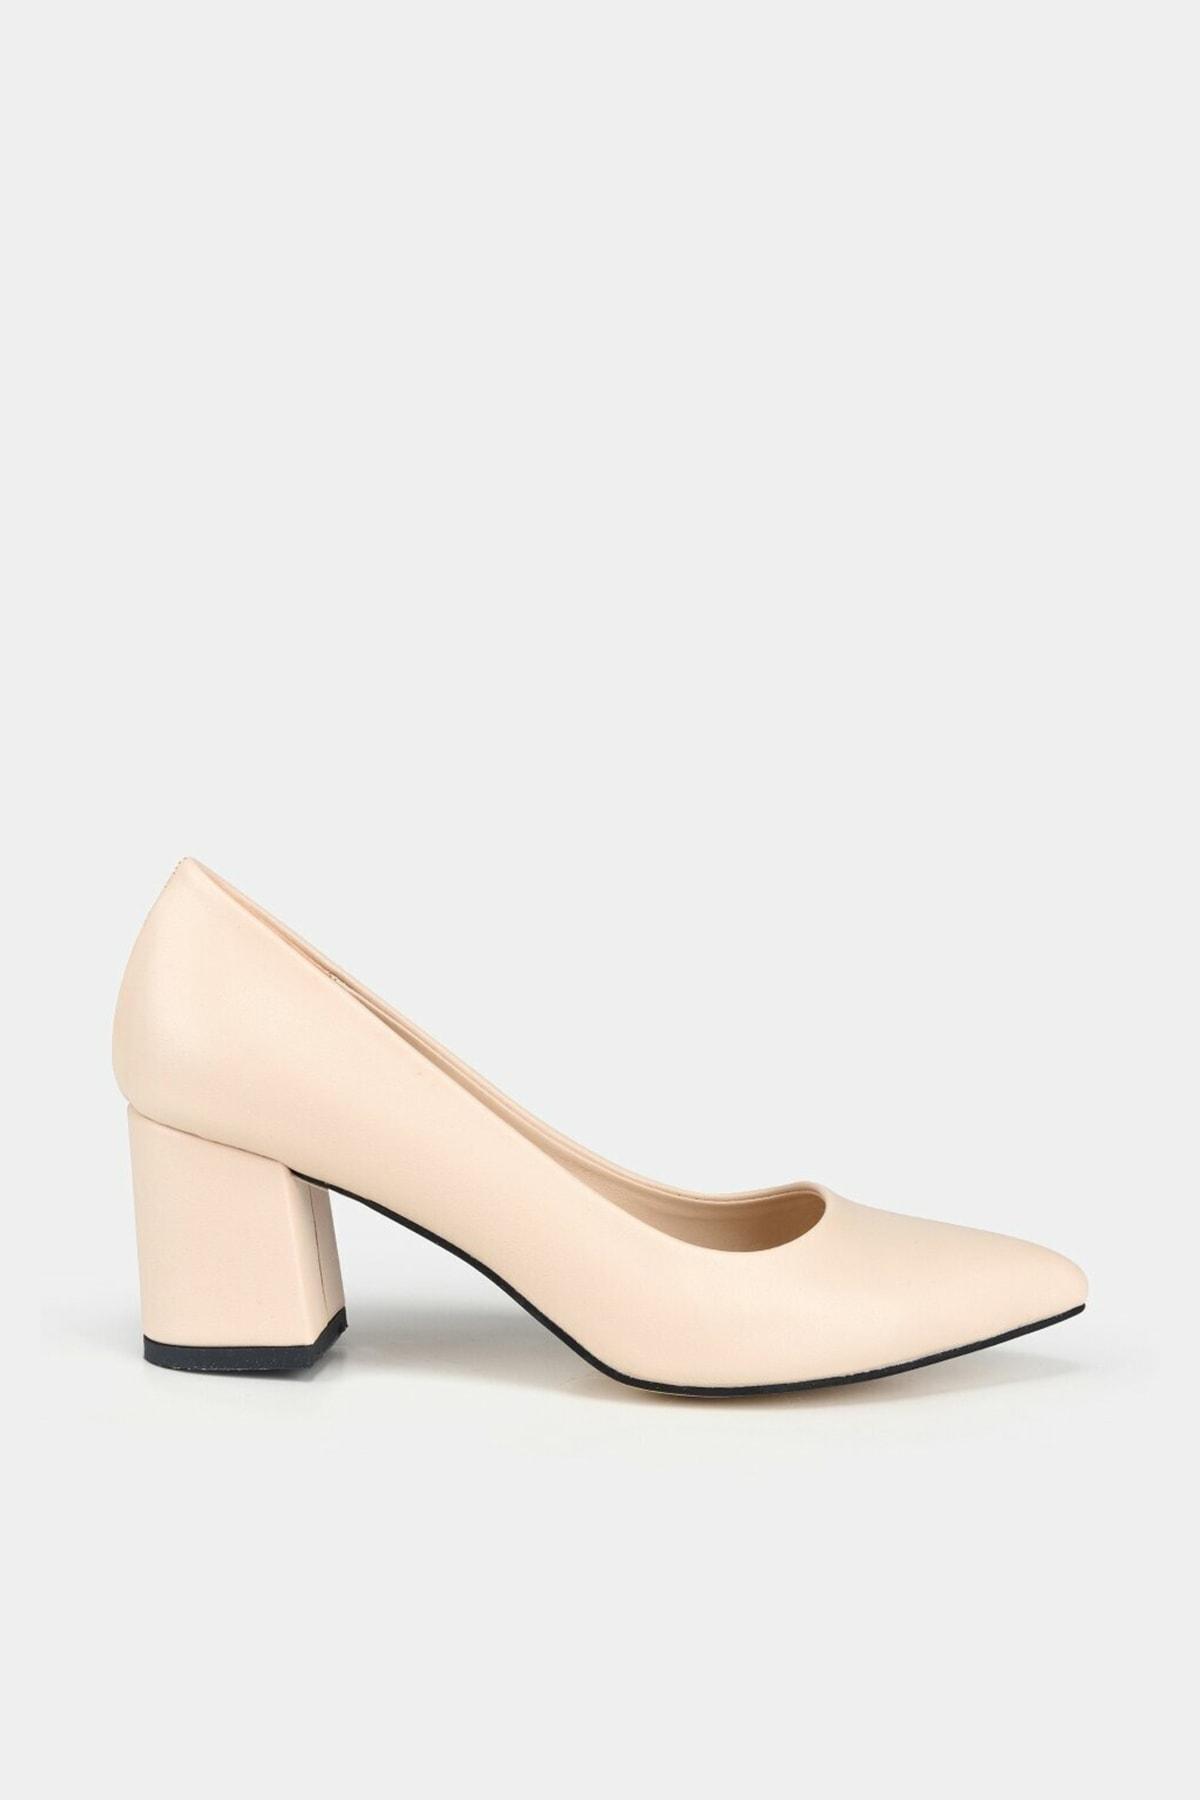 Hotiç Kemik Kadın Ayakkabı